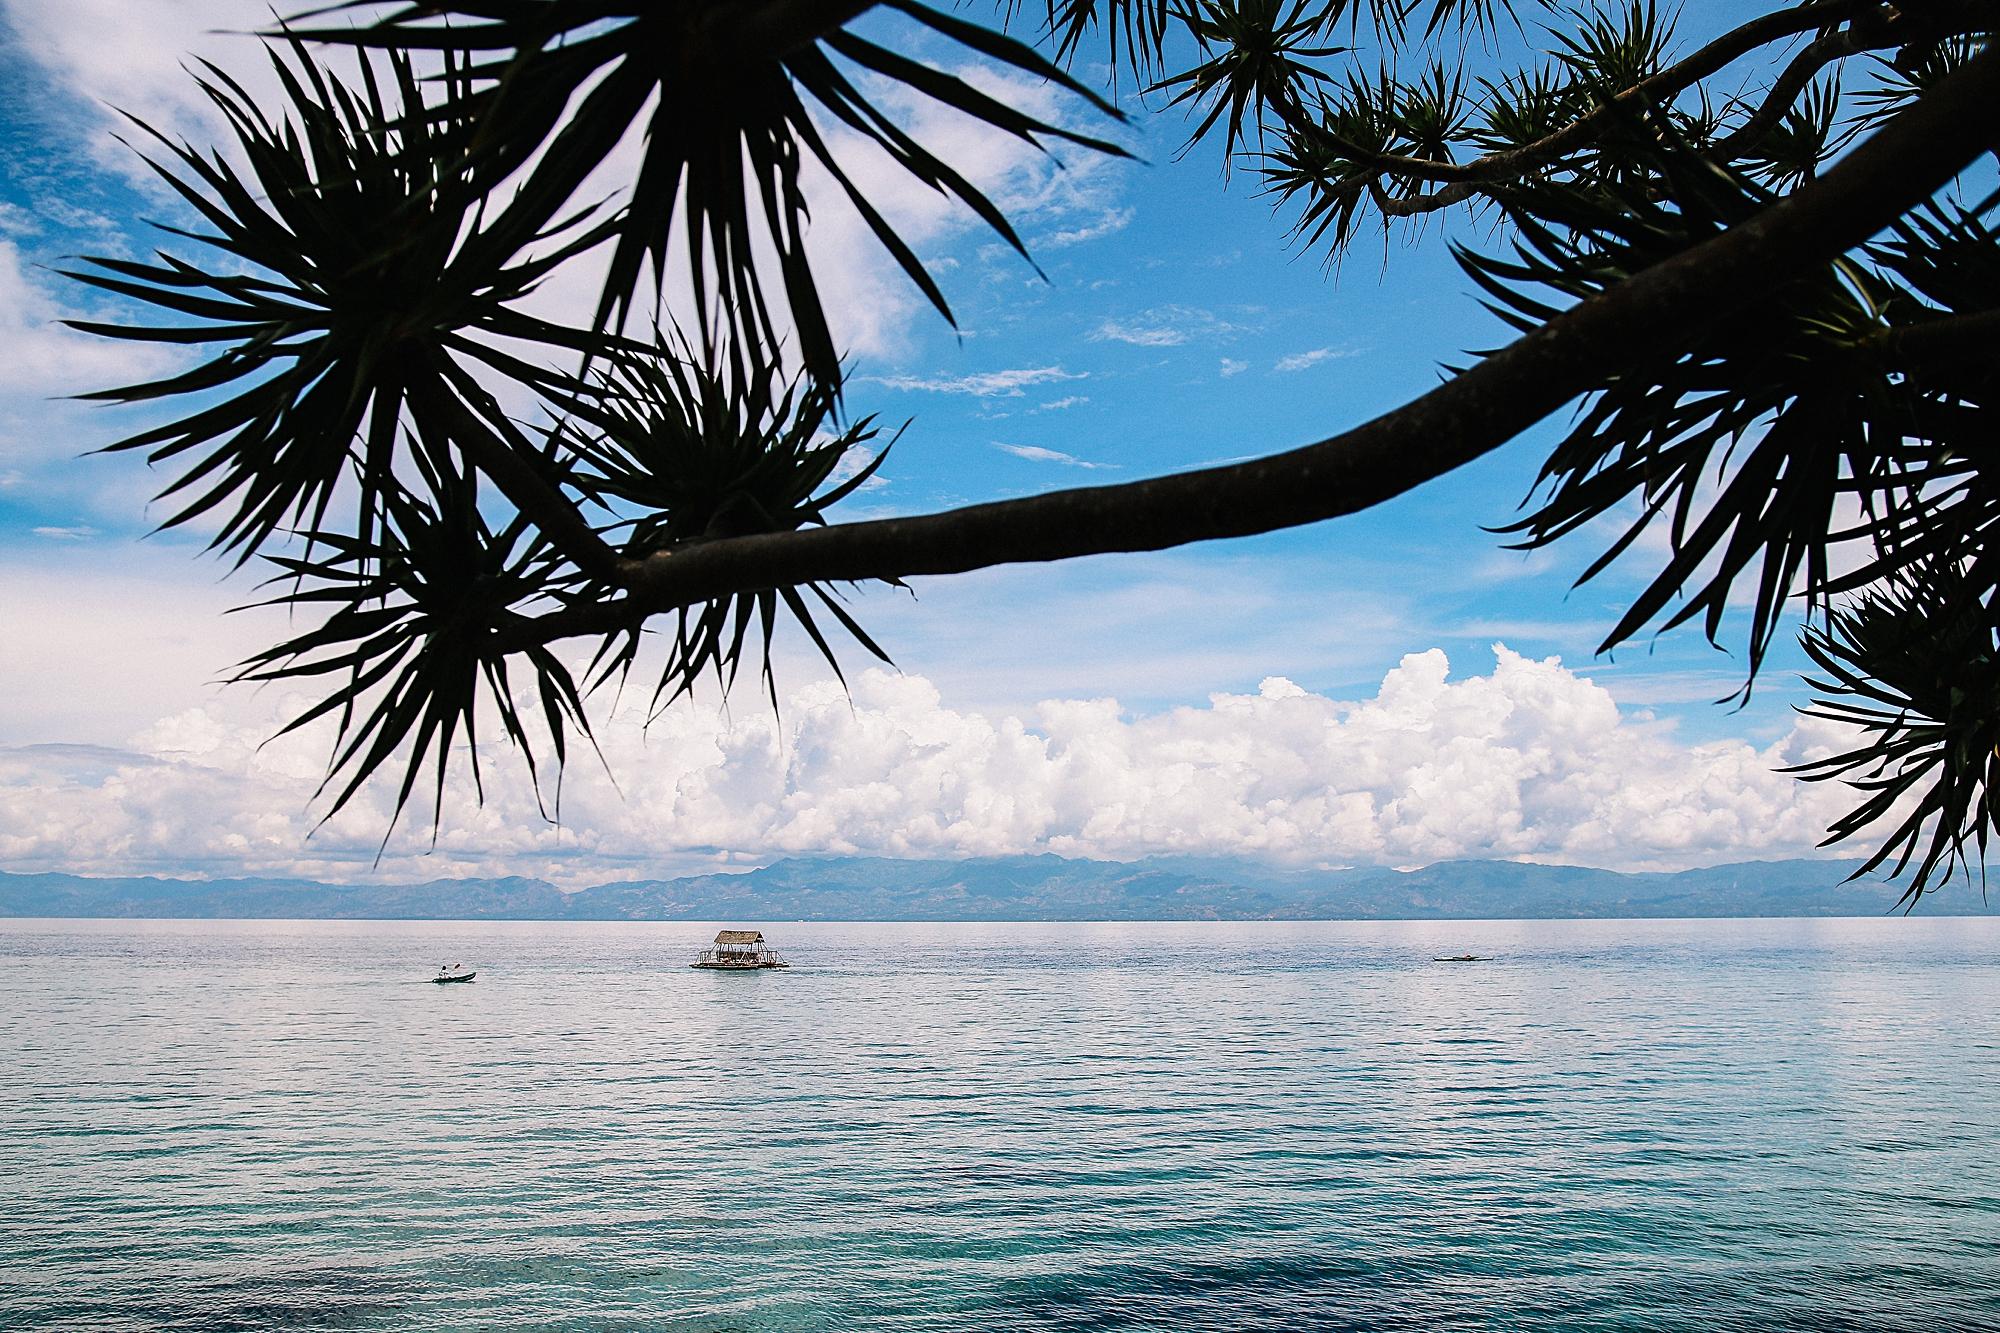 Hale Manna moalboal beach garden wedding cebu destination wedding photographer philippines_0019